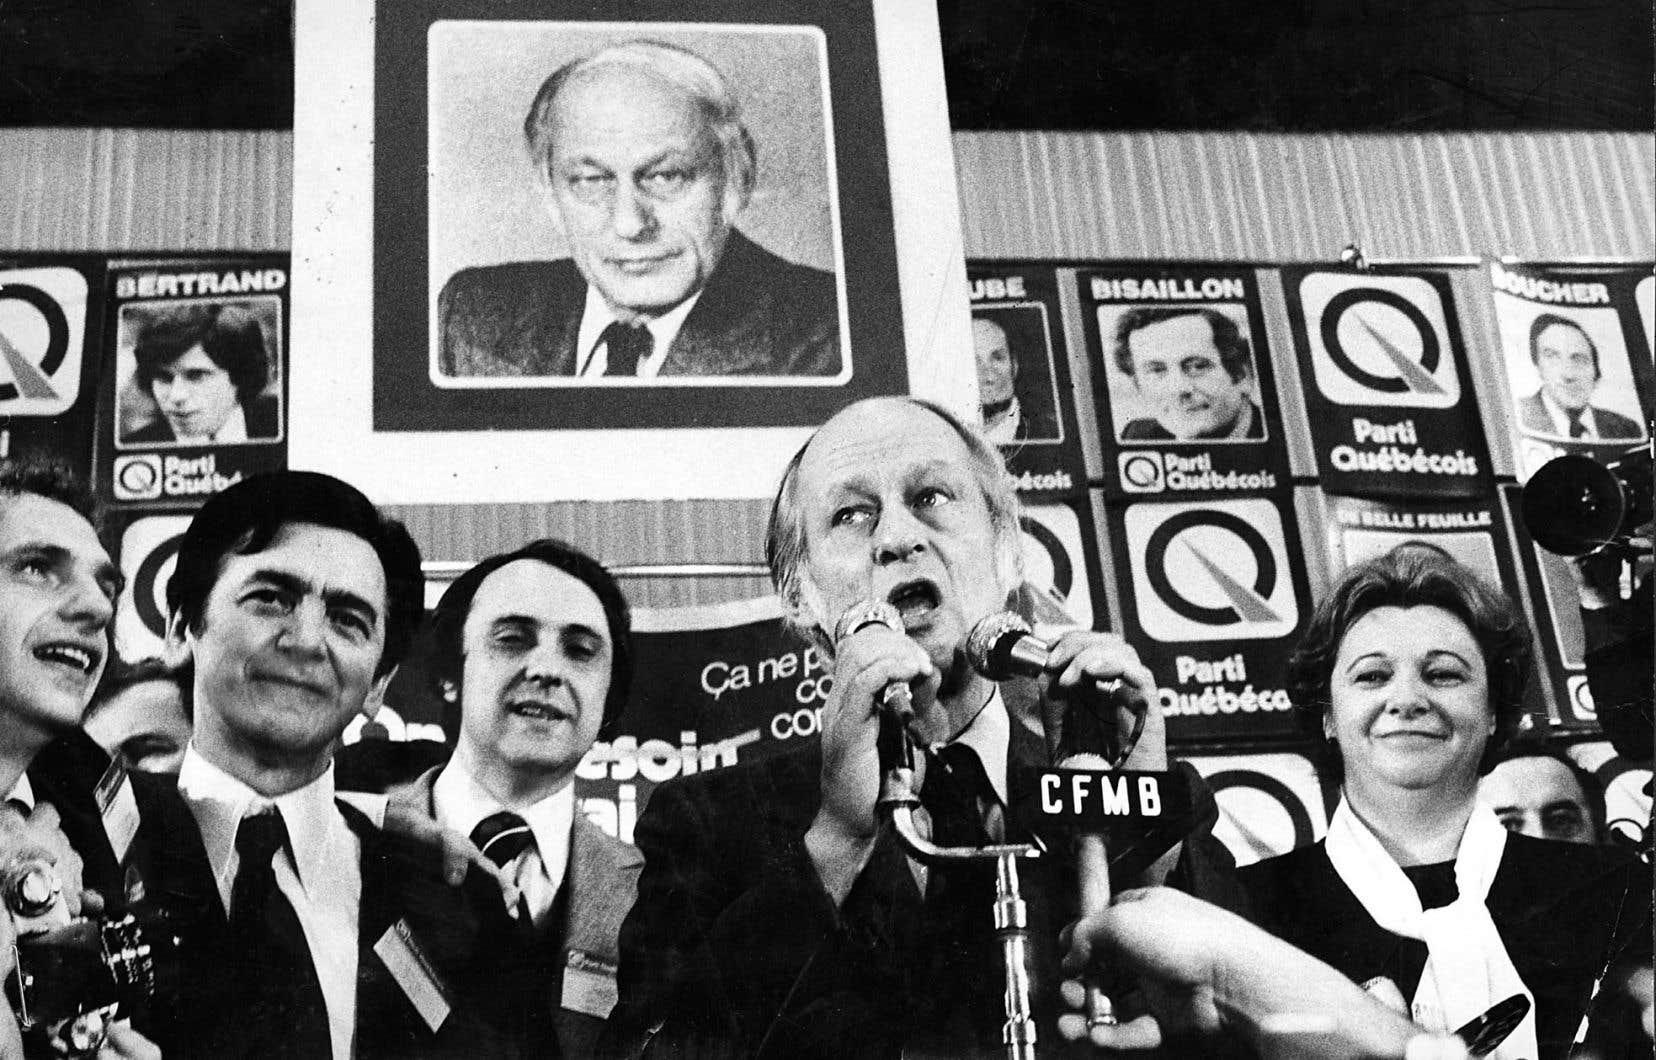 Le docteur Camille Laurin (ici en 1976, deuxième à partir de la gauche) s'est attardé, en 1983, à extraire «certains irritants» de la loi 101, une reprise du discours patronal… bien des années plus tard.